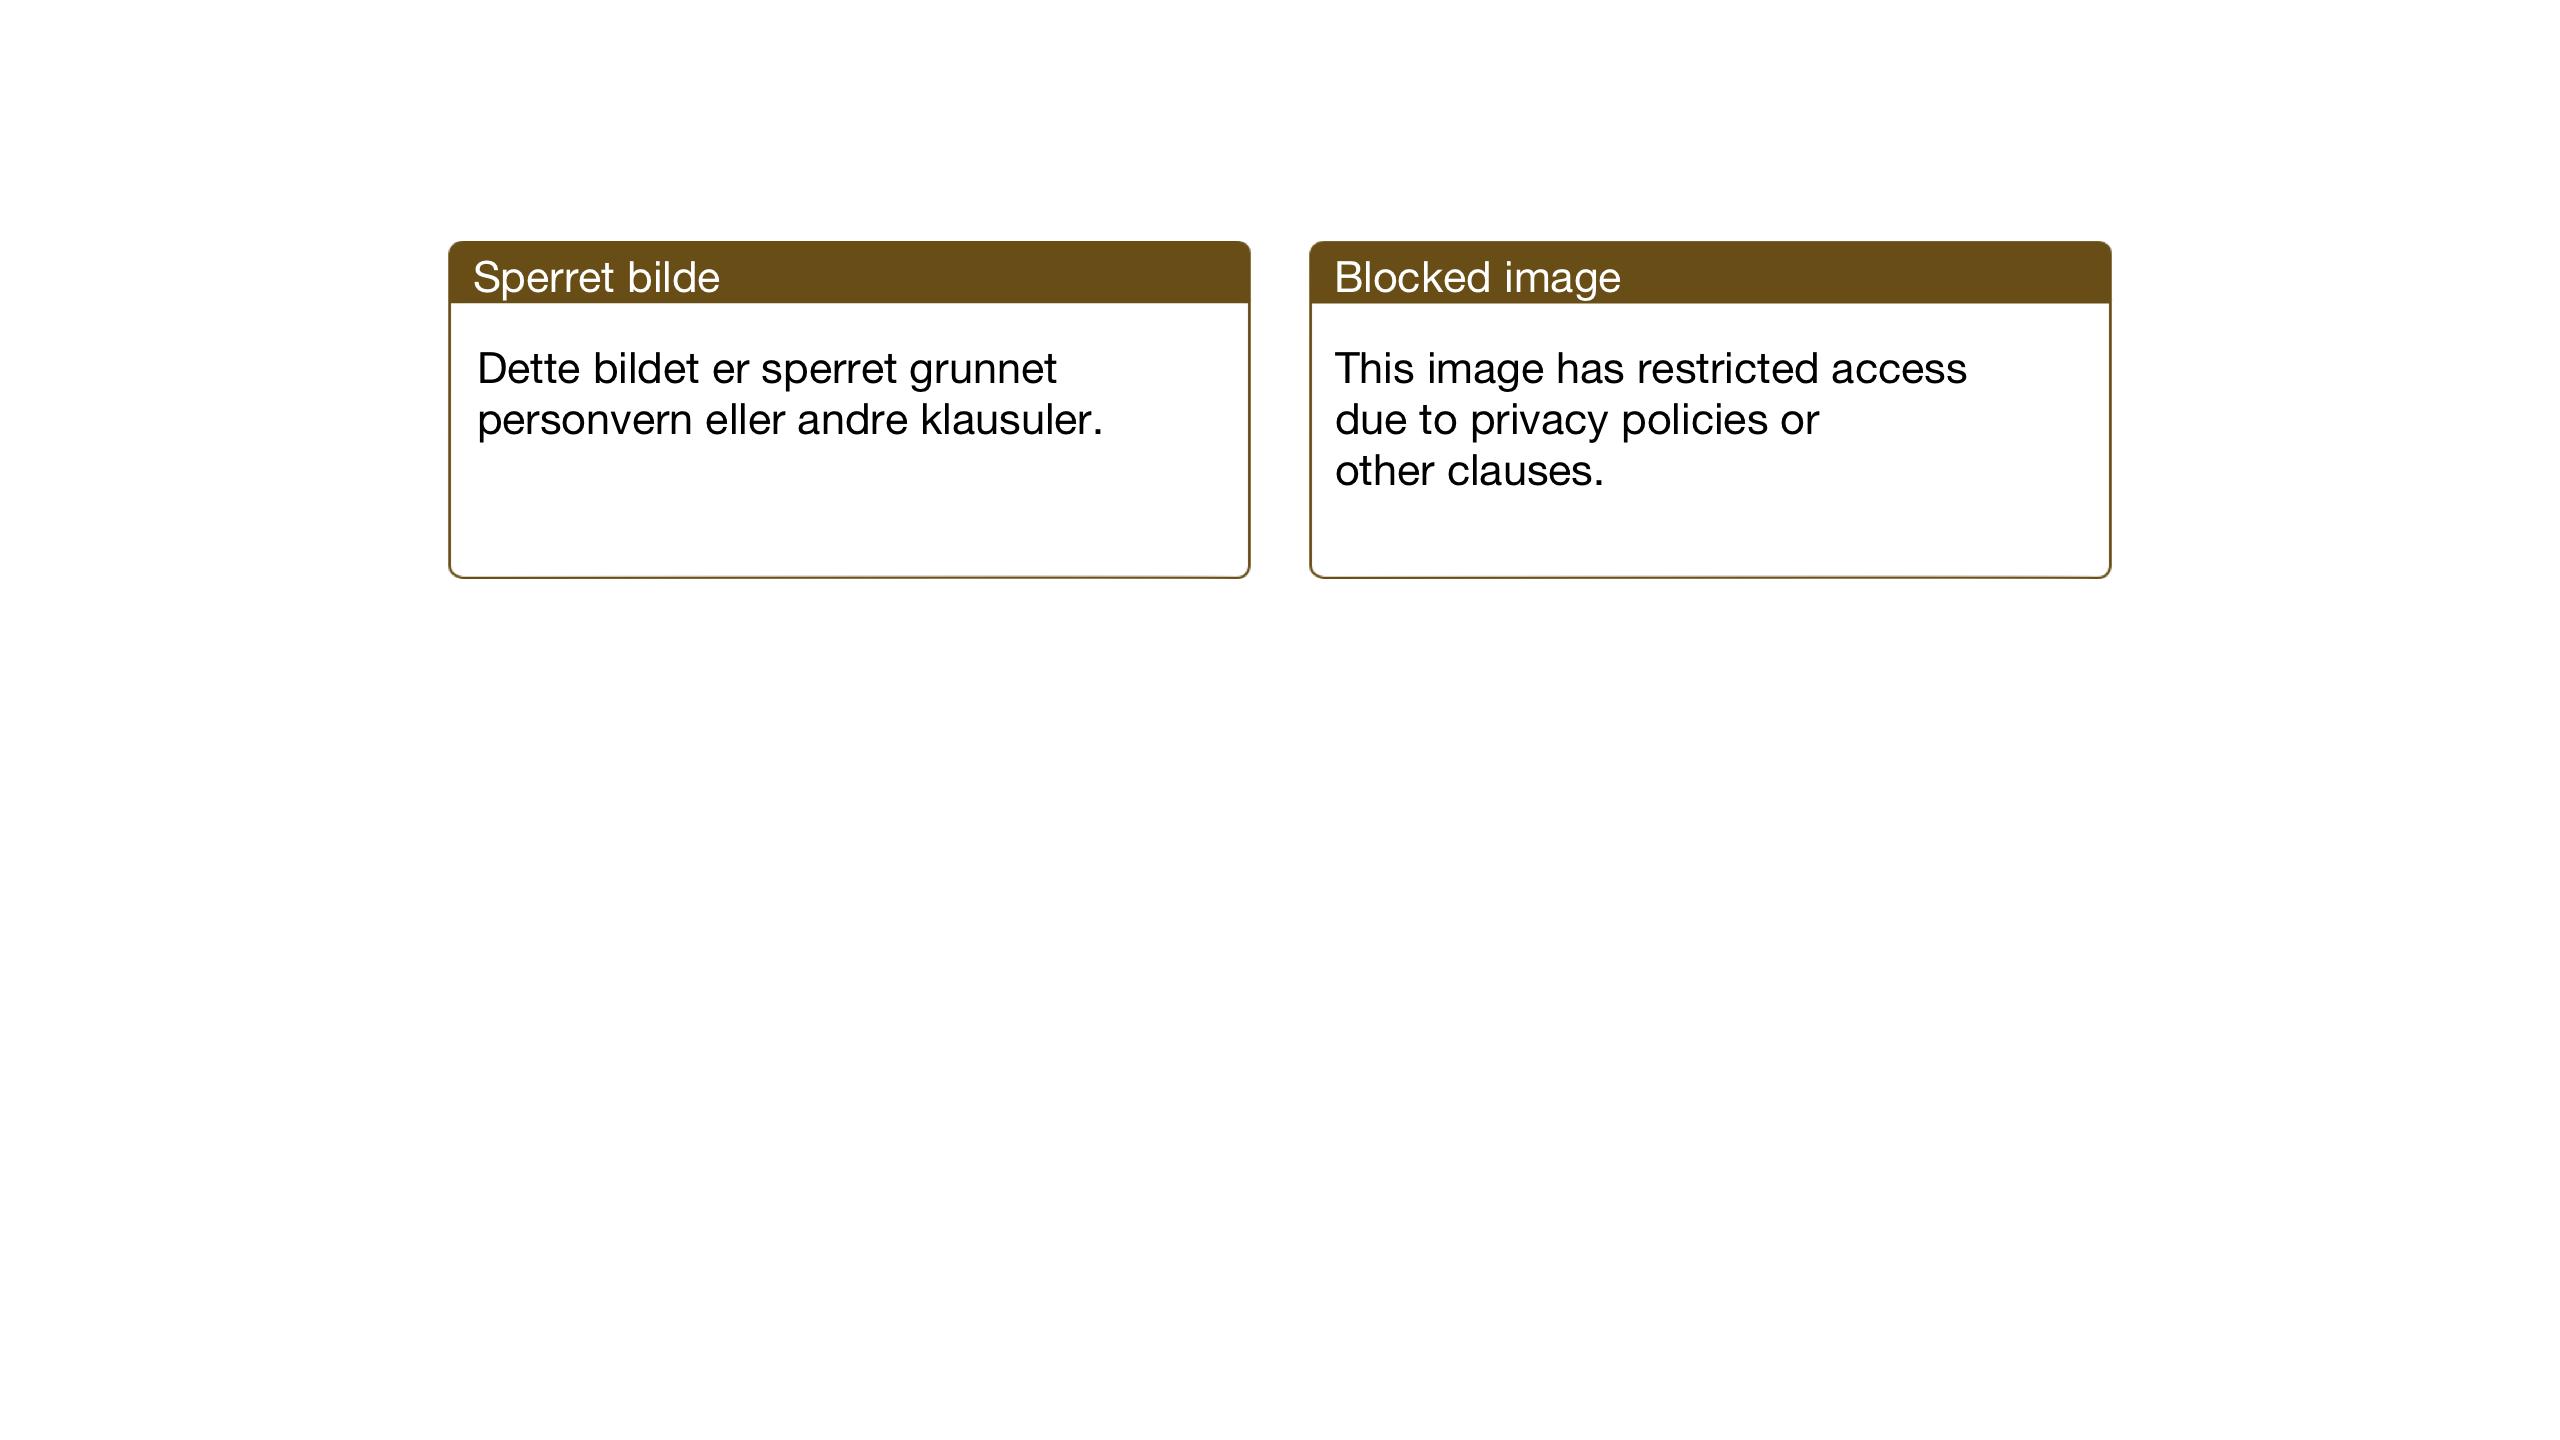 SAT, Ministerialprotokoller, klokkerbøker og fødselsregistre - Sør-Trøndelag, 690/L1053: Klokkerbok nr. 690C03, 1930-1947, s. 49